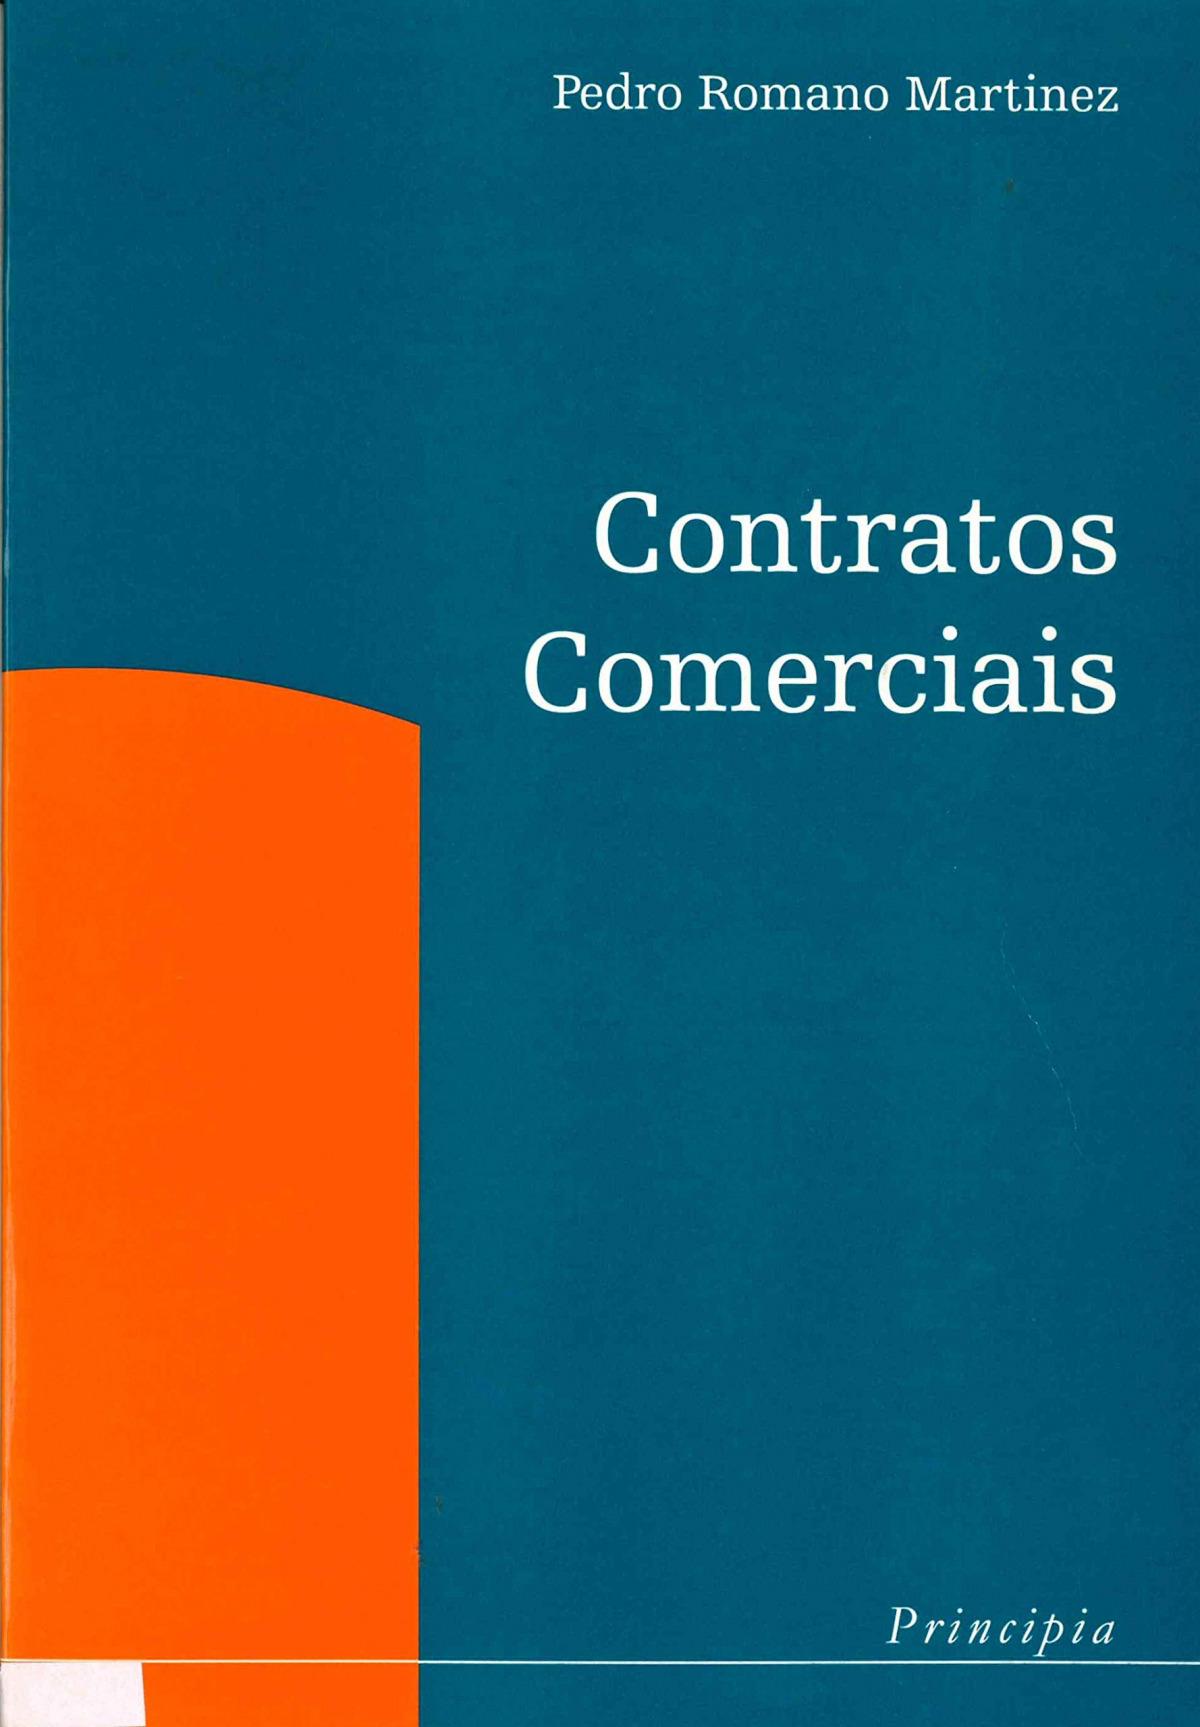 Contratos Comerciais 9789728500610